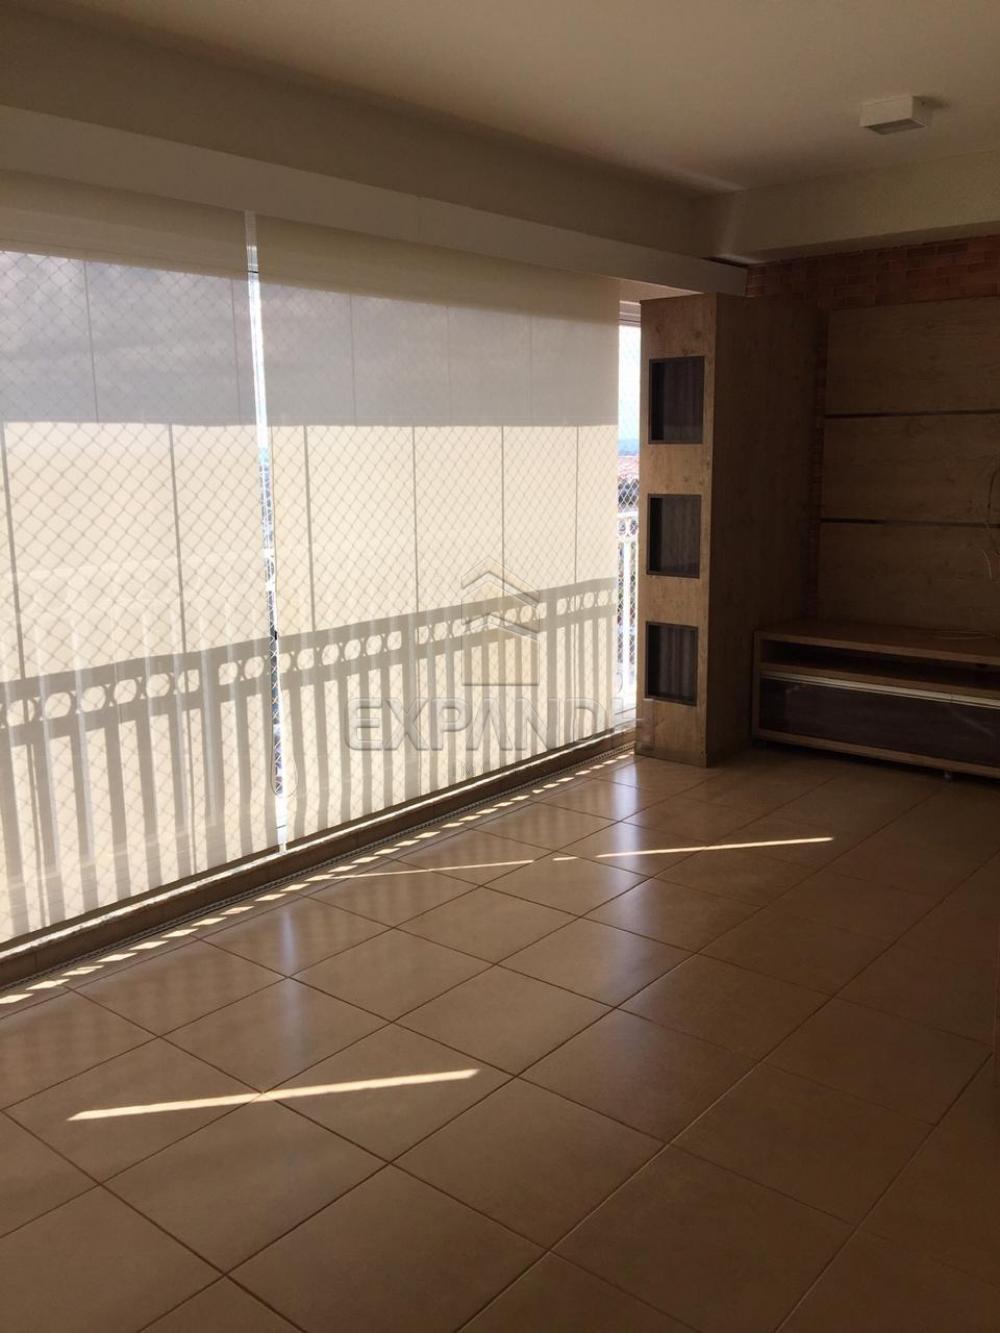 Comprar Apartamentos / Padrão em Sertãozinho R$ 850.000,00 - Foto 4